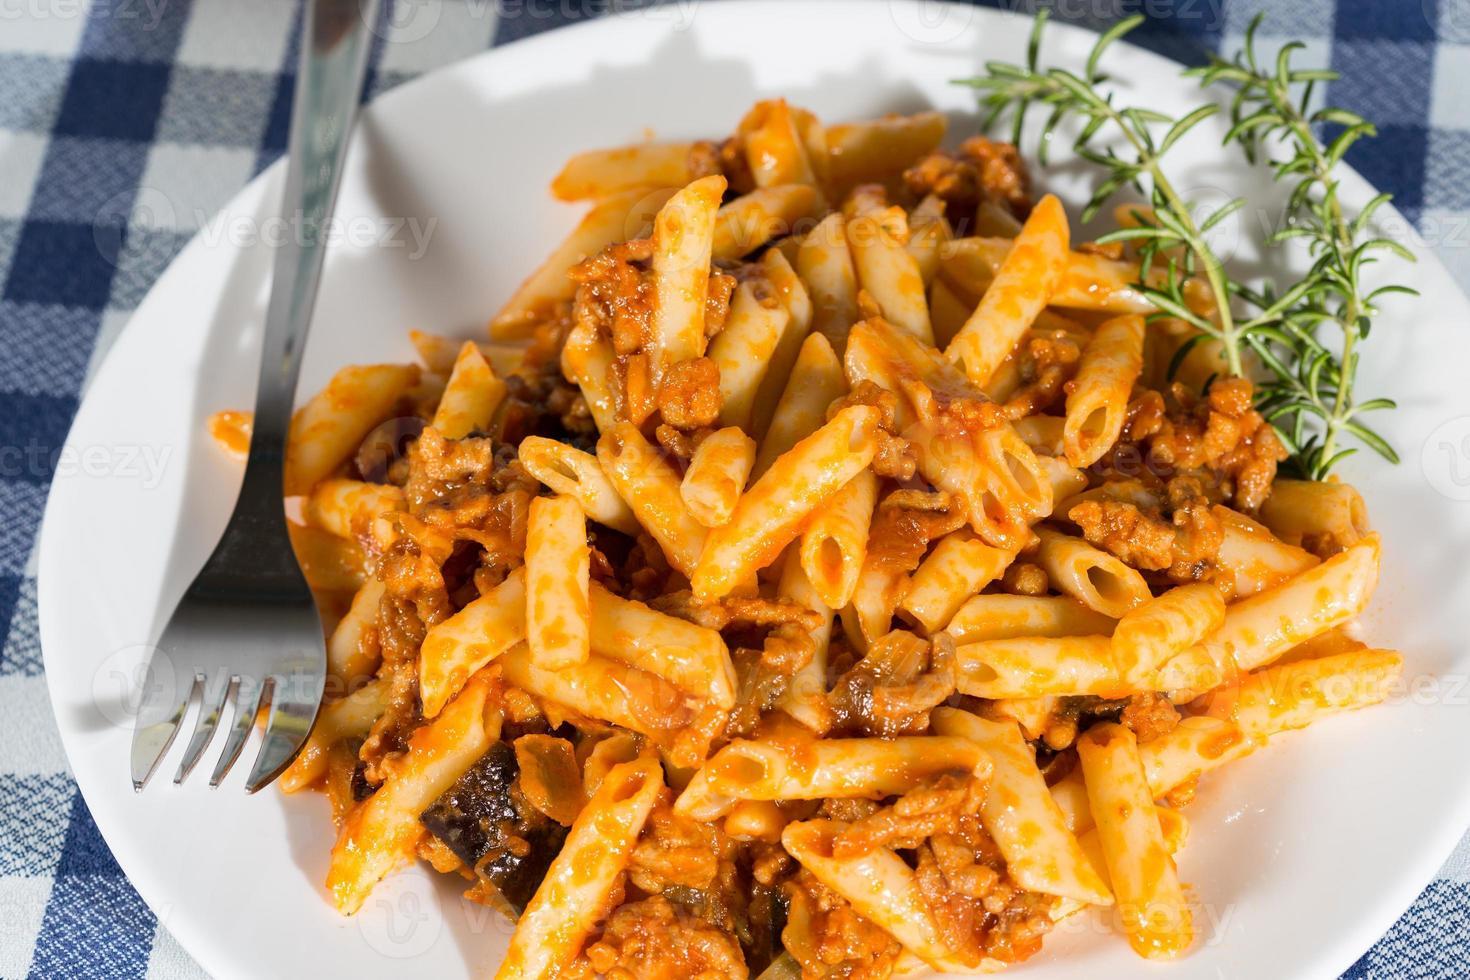 Macaroni with tomato photo